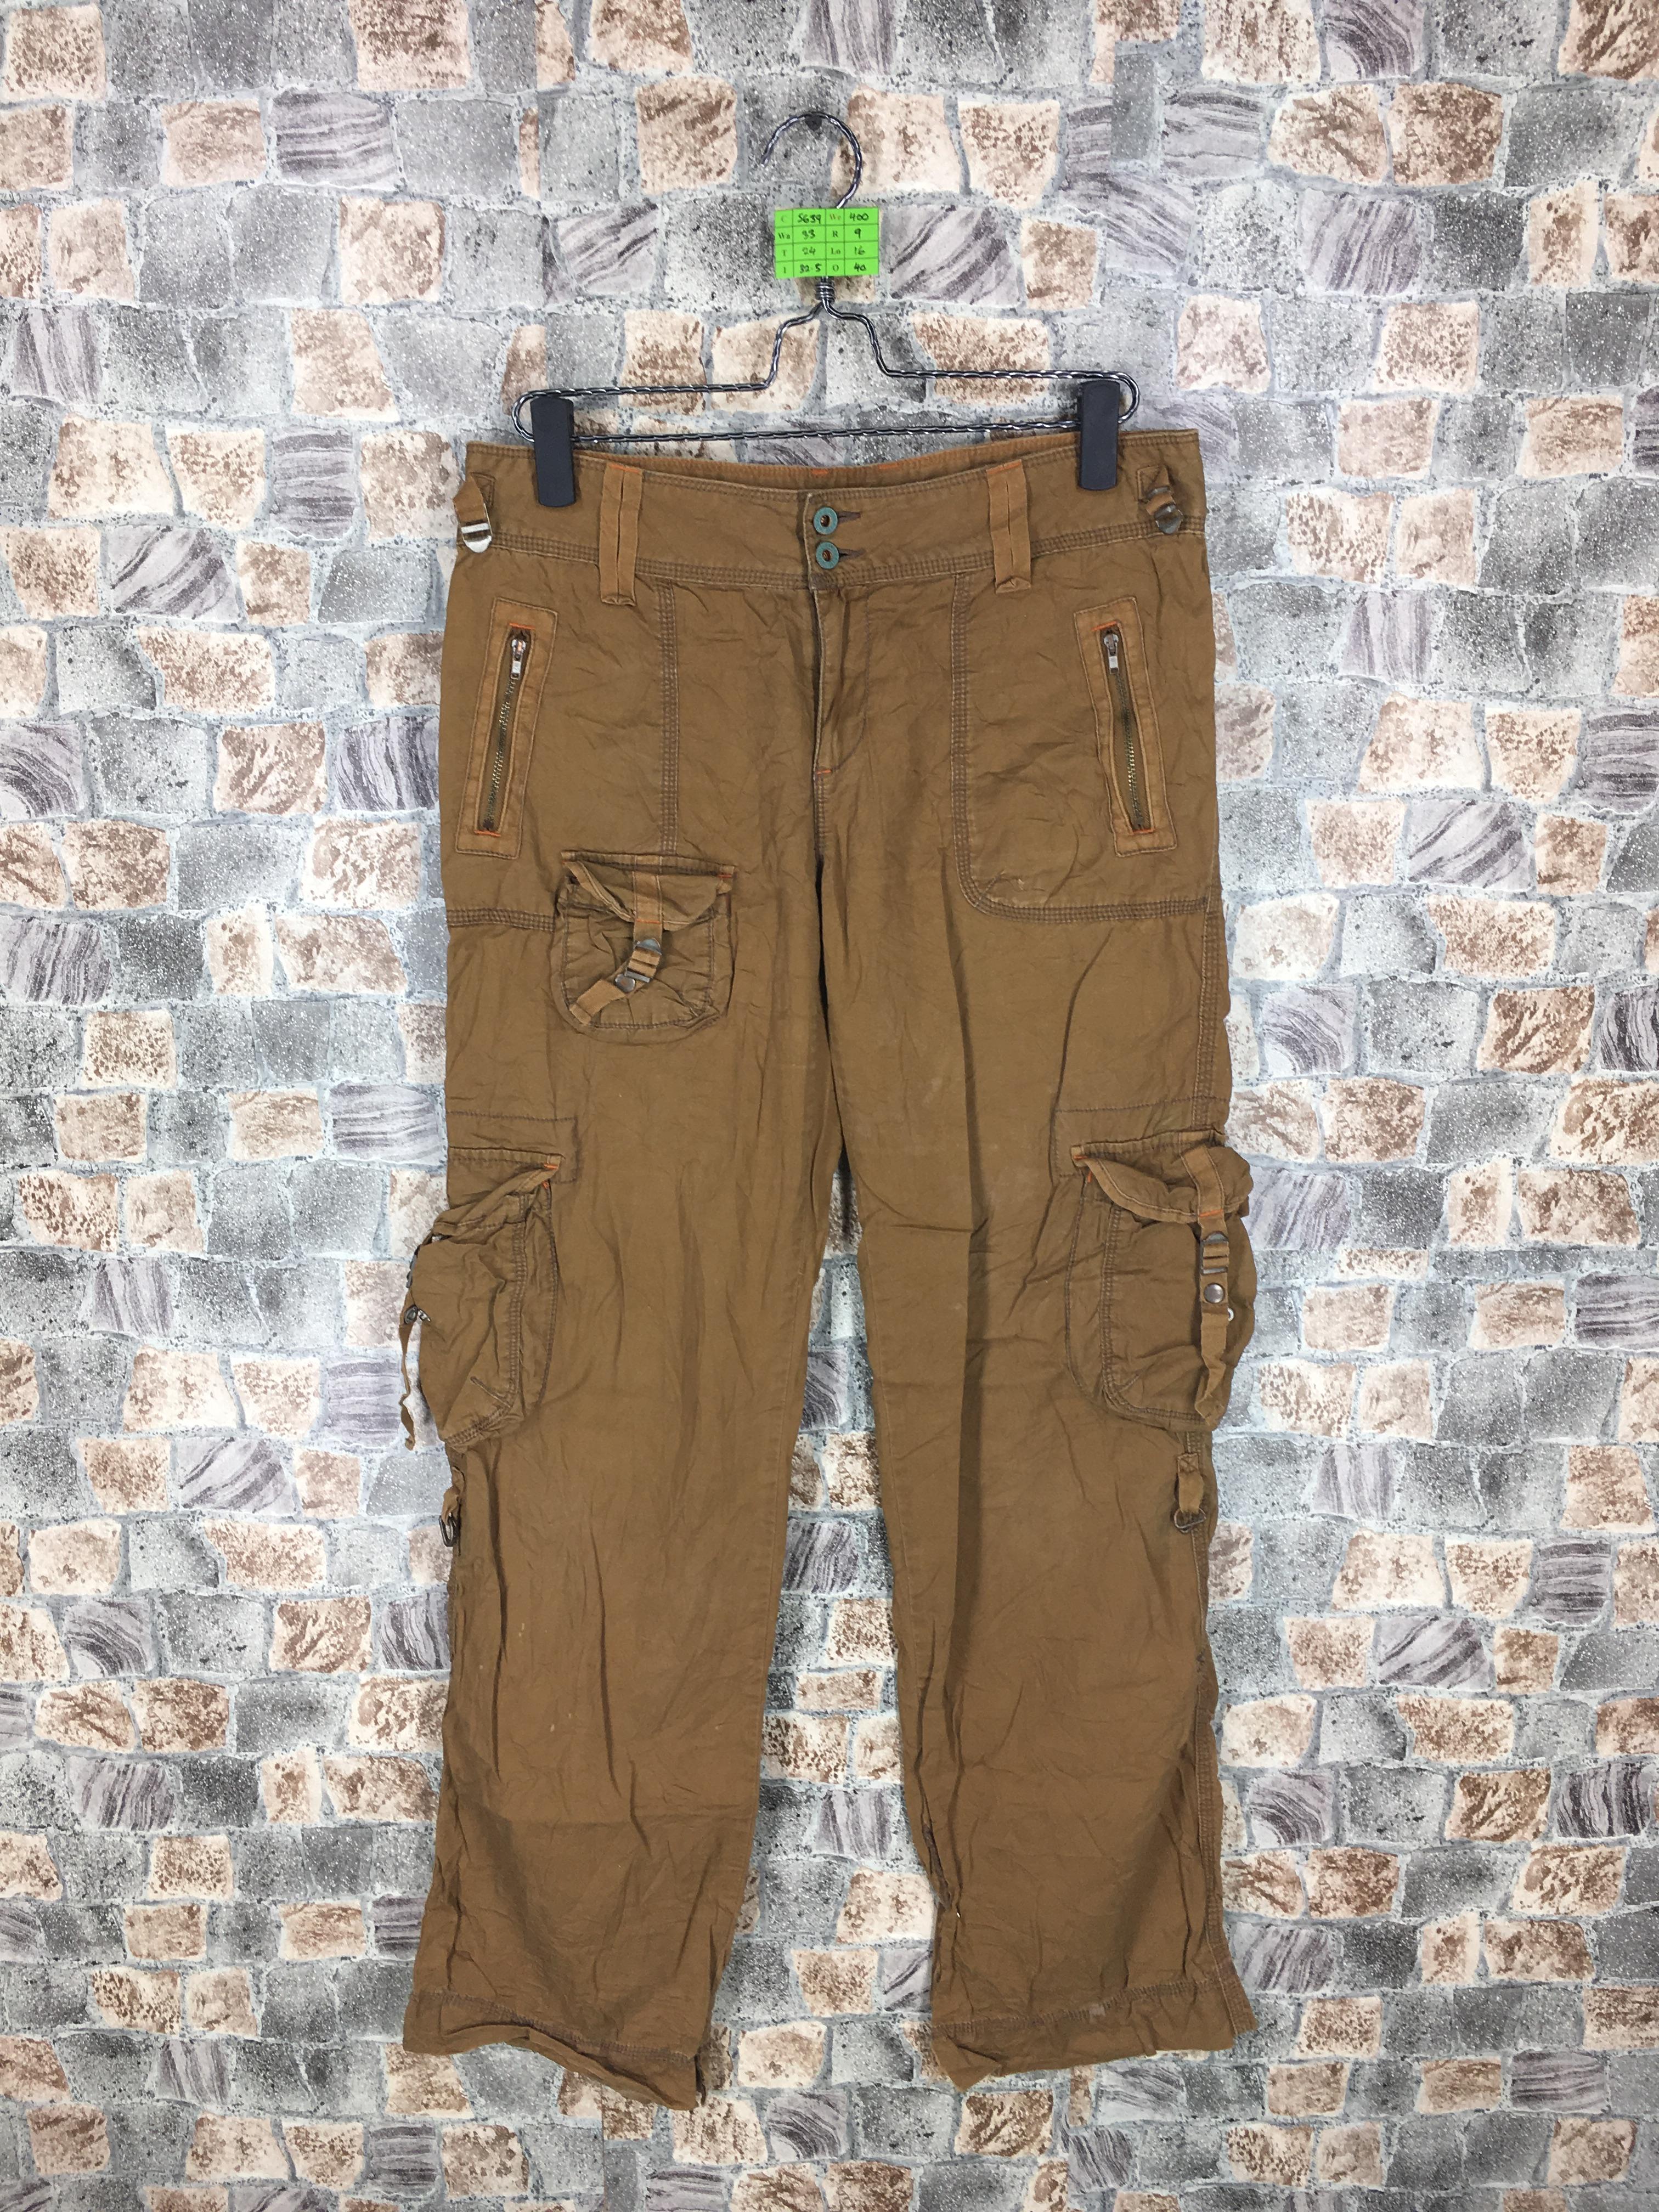 1d9c7c1b POLO RALPH LAUREN Cargo Pants Brown Parachute Style Multi Pocket Trouser  Waist 33